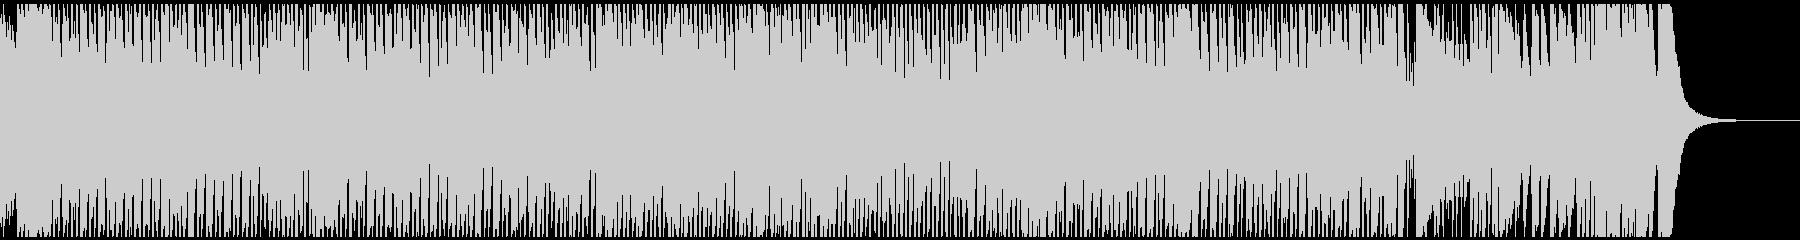 ショパン幻想即興曲ジャズアレンジ+ブラスの未再生の波形